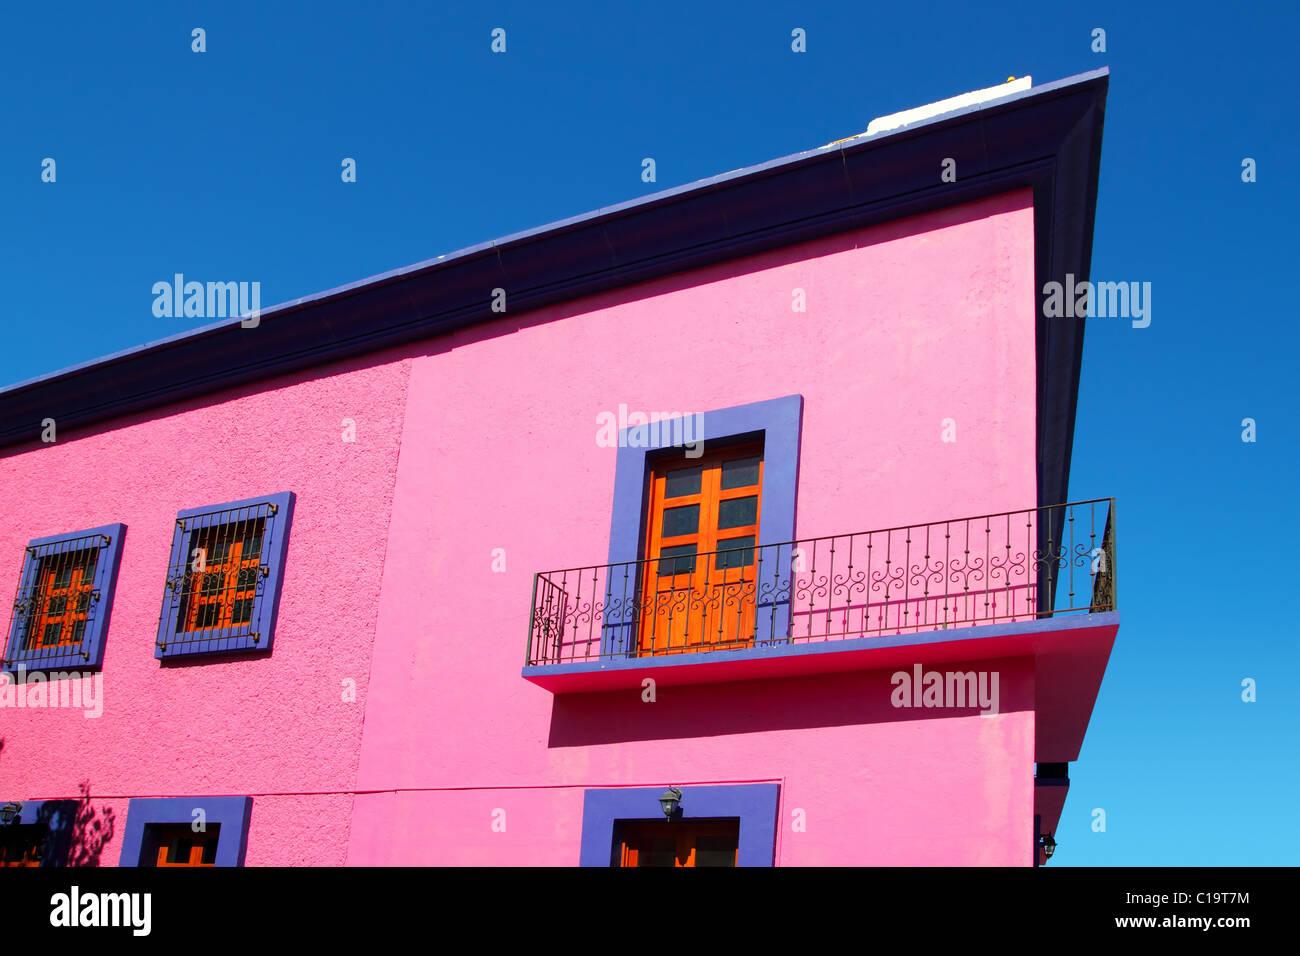 Blue Door Pink House Doors Stock Photos & Blue Door Pink House Doors ...